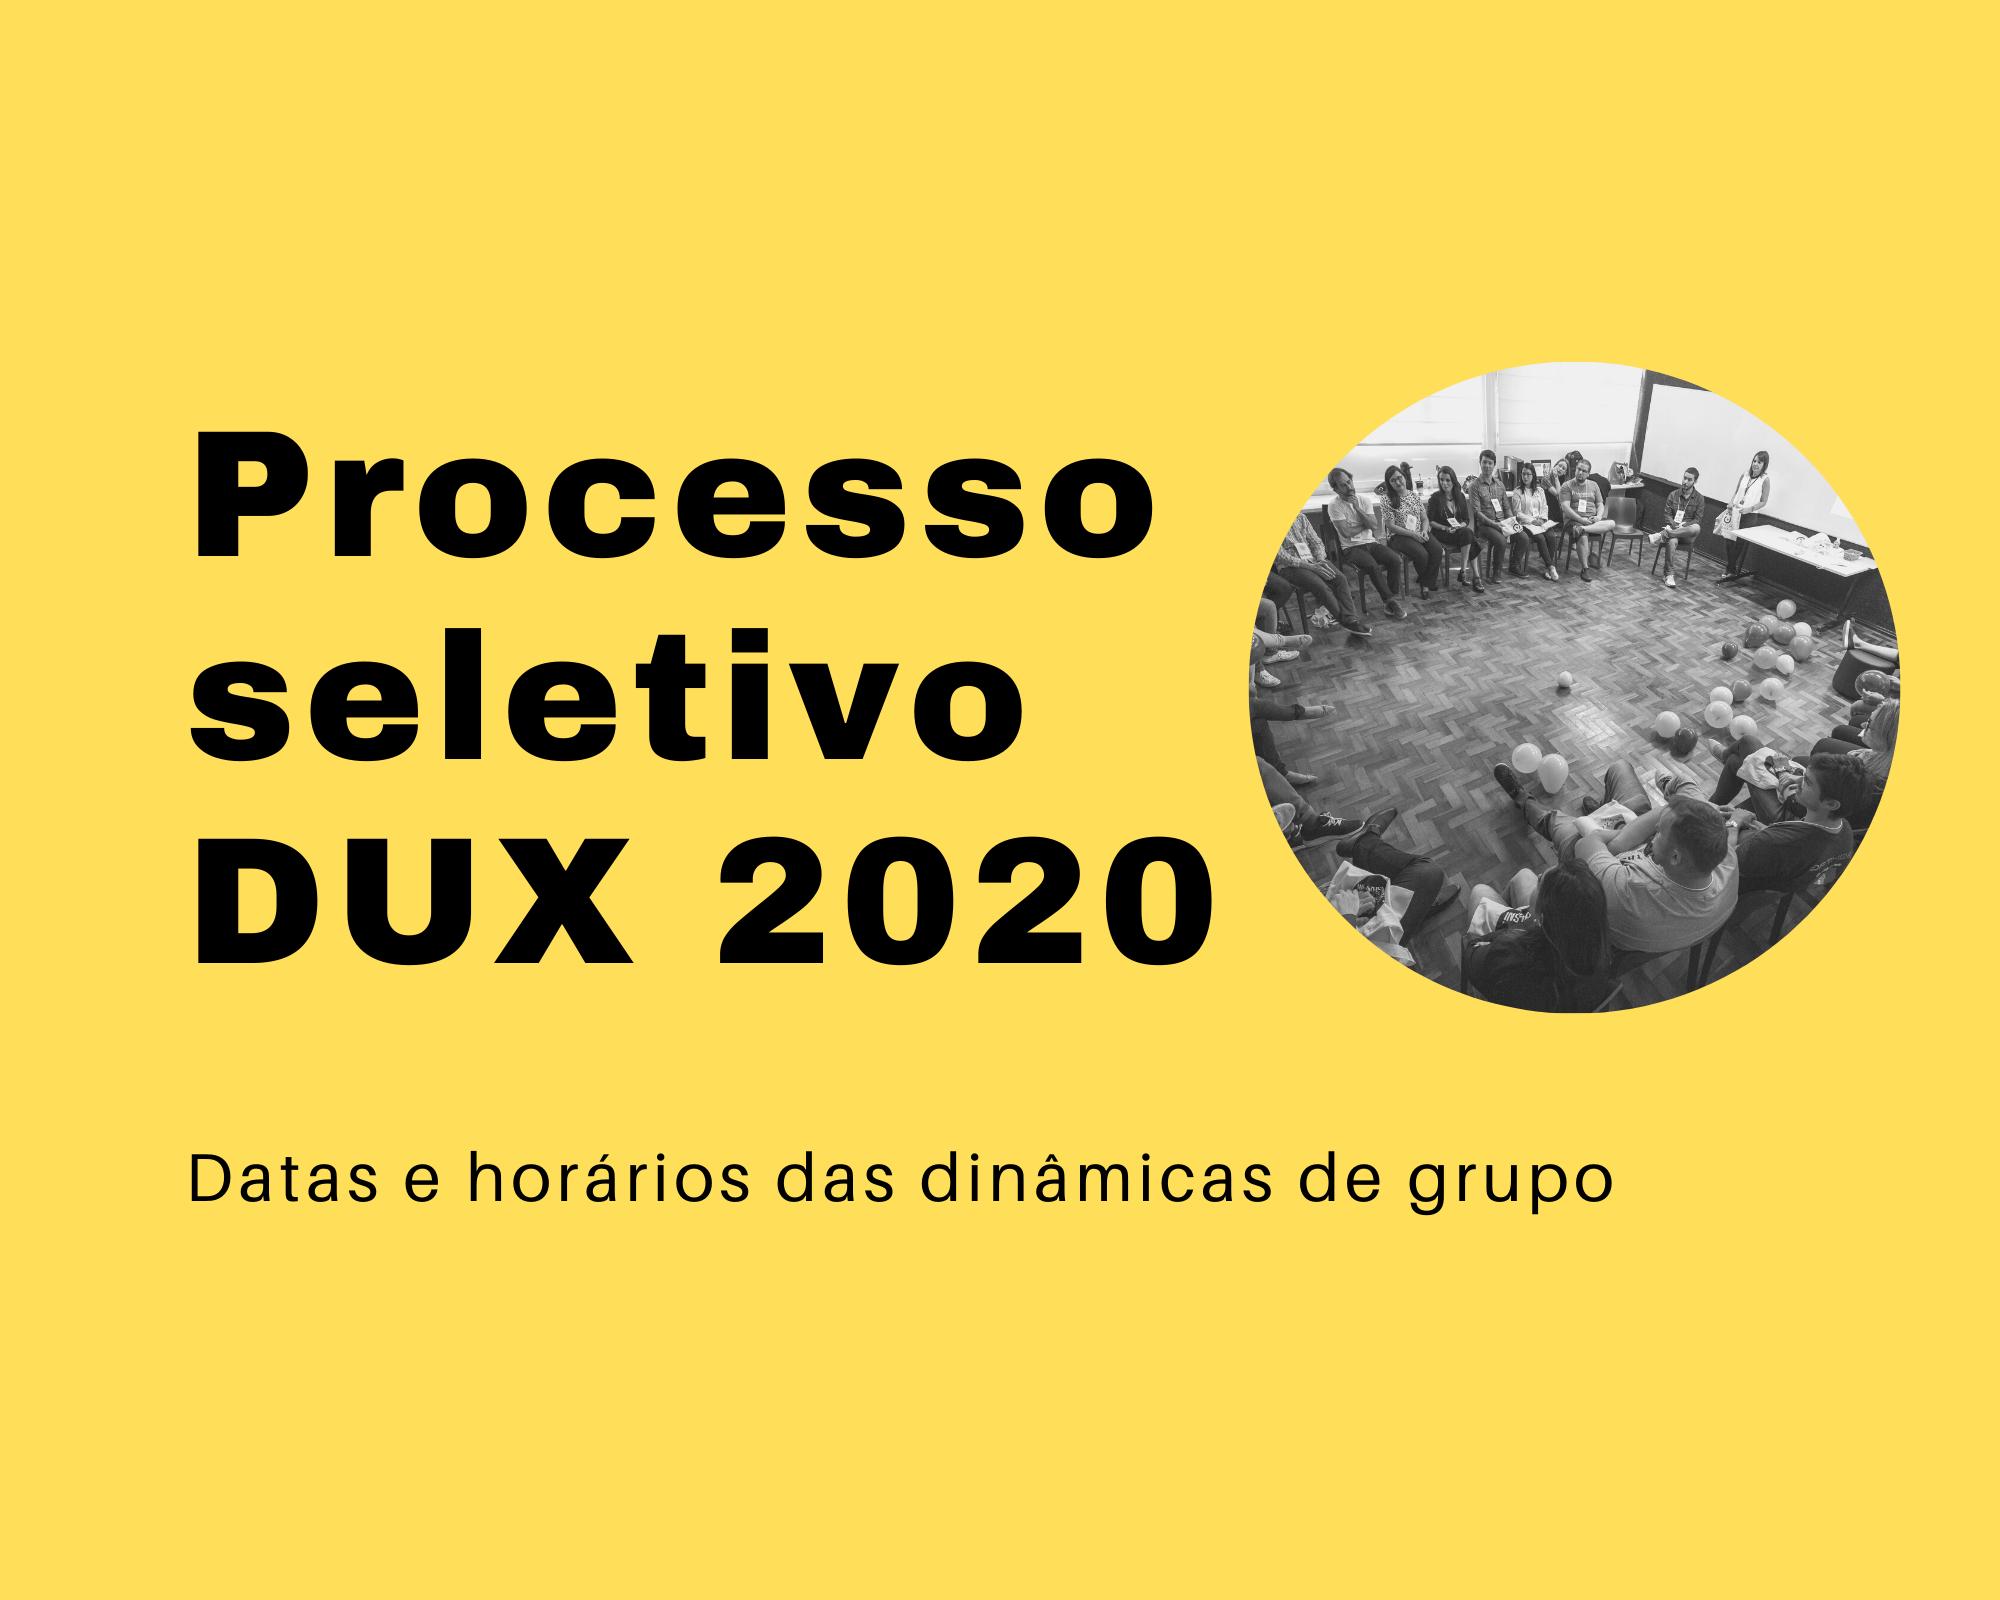 Processo Seletivo Geração DUX 2020: Dinâmicas de Grupo